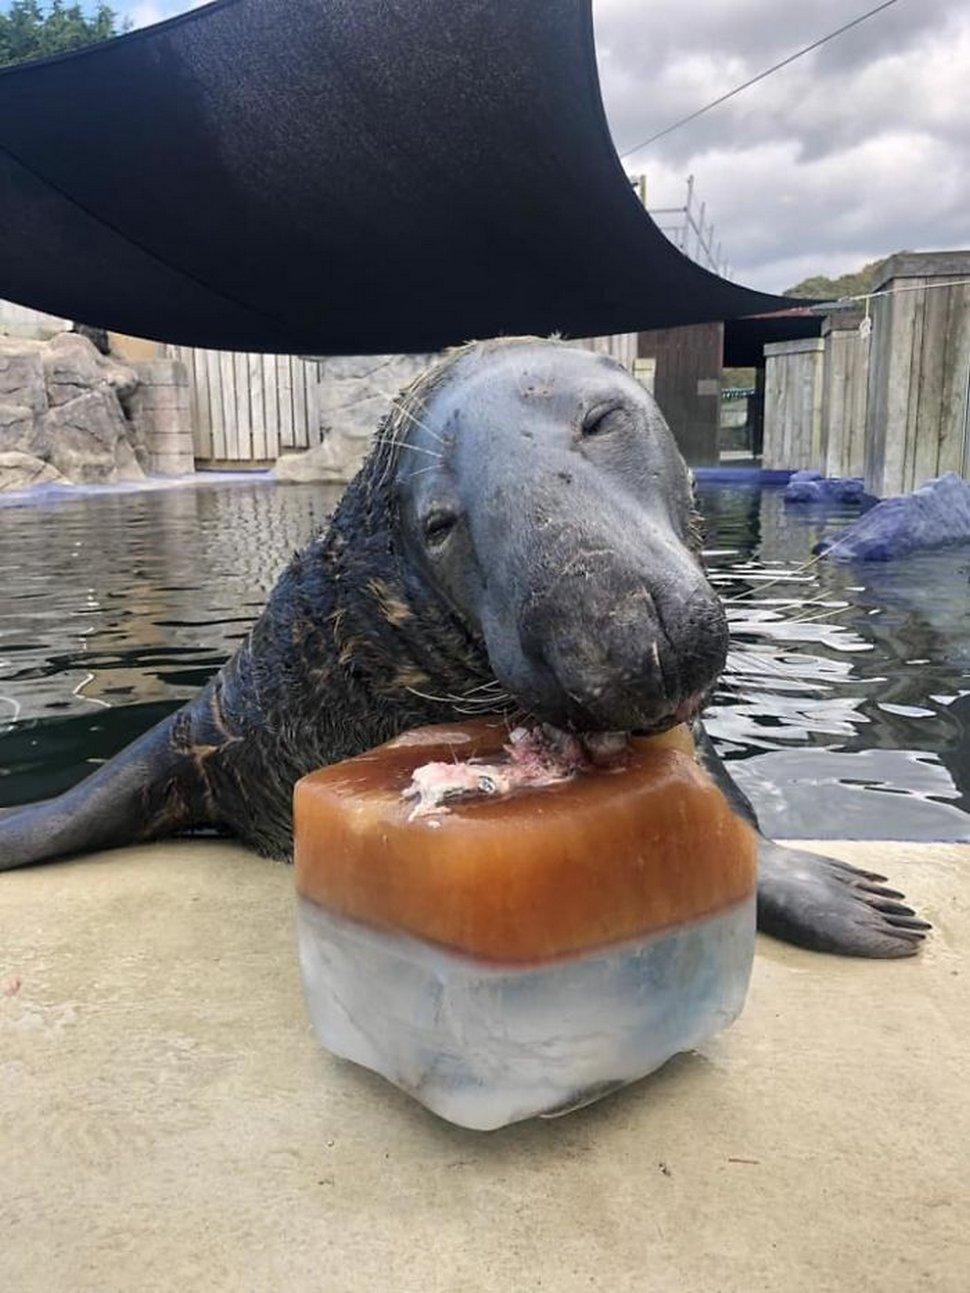 Un phoque reçoit un énorme gâteau de glace au poisson pour son 31e anniversaire